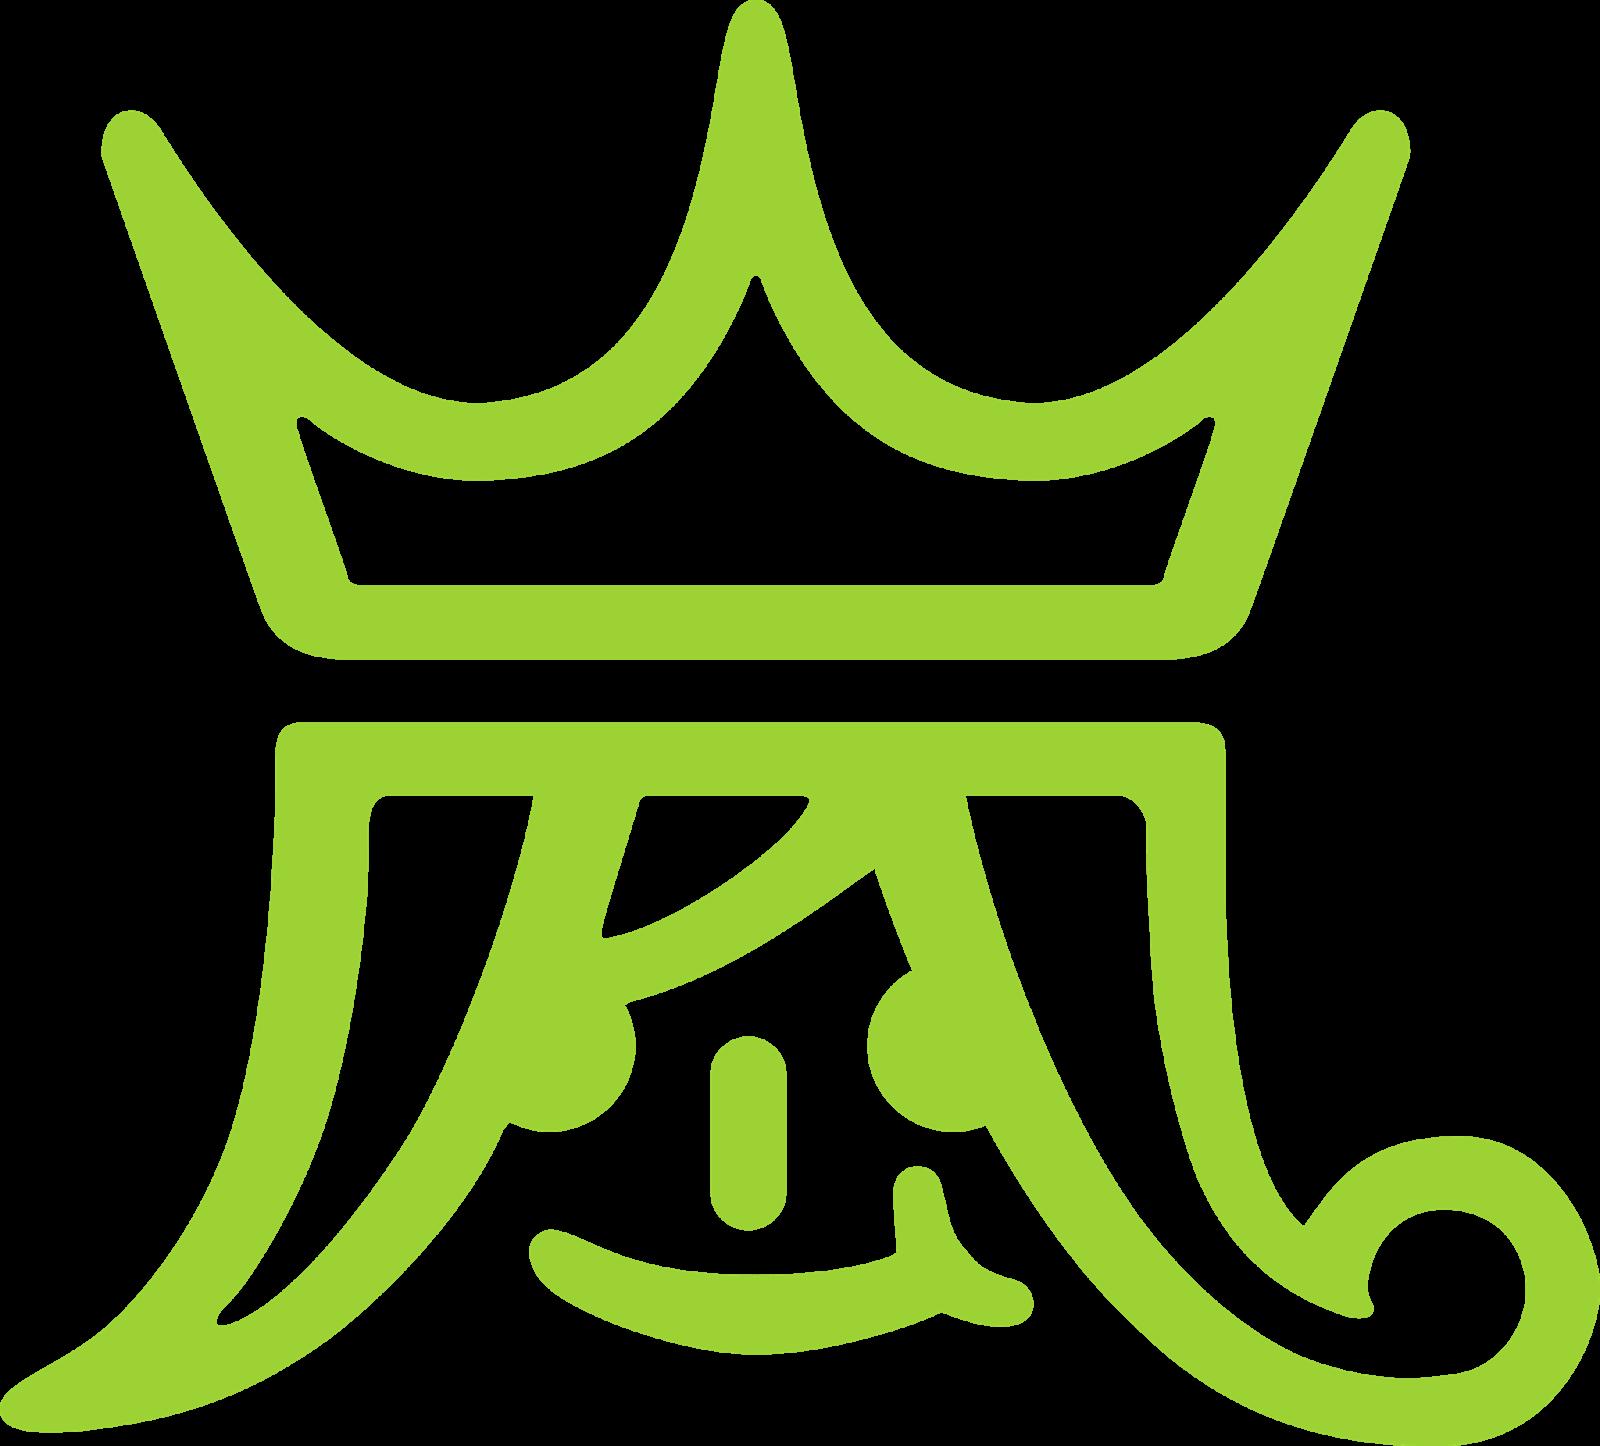 嵐 相葉雅紀さんNHK情報番組「相葉雅紀のNFJ」キャスター決定情報☆